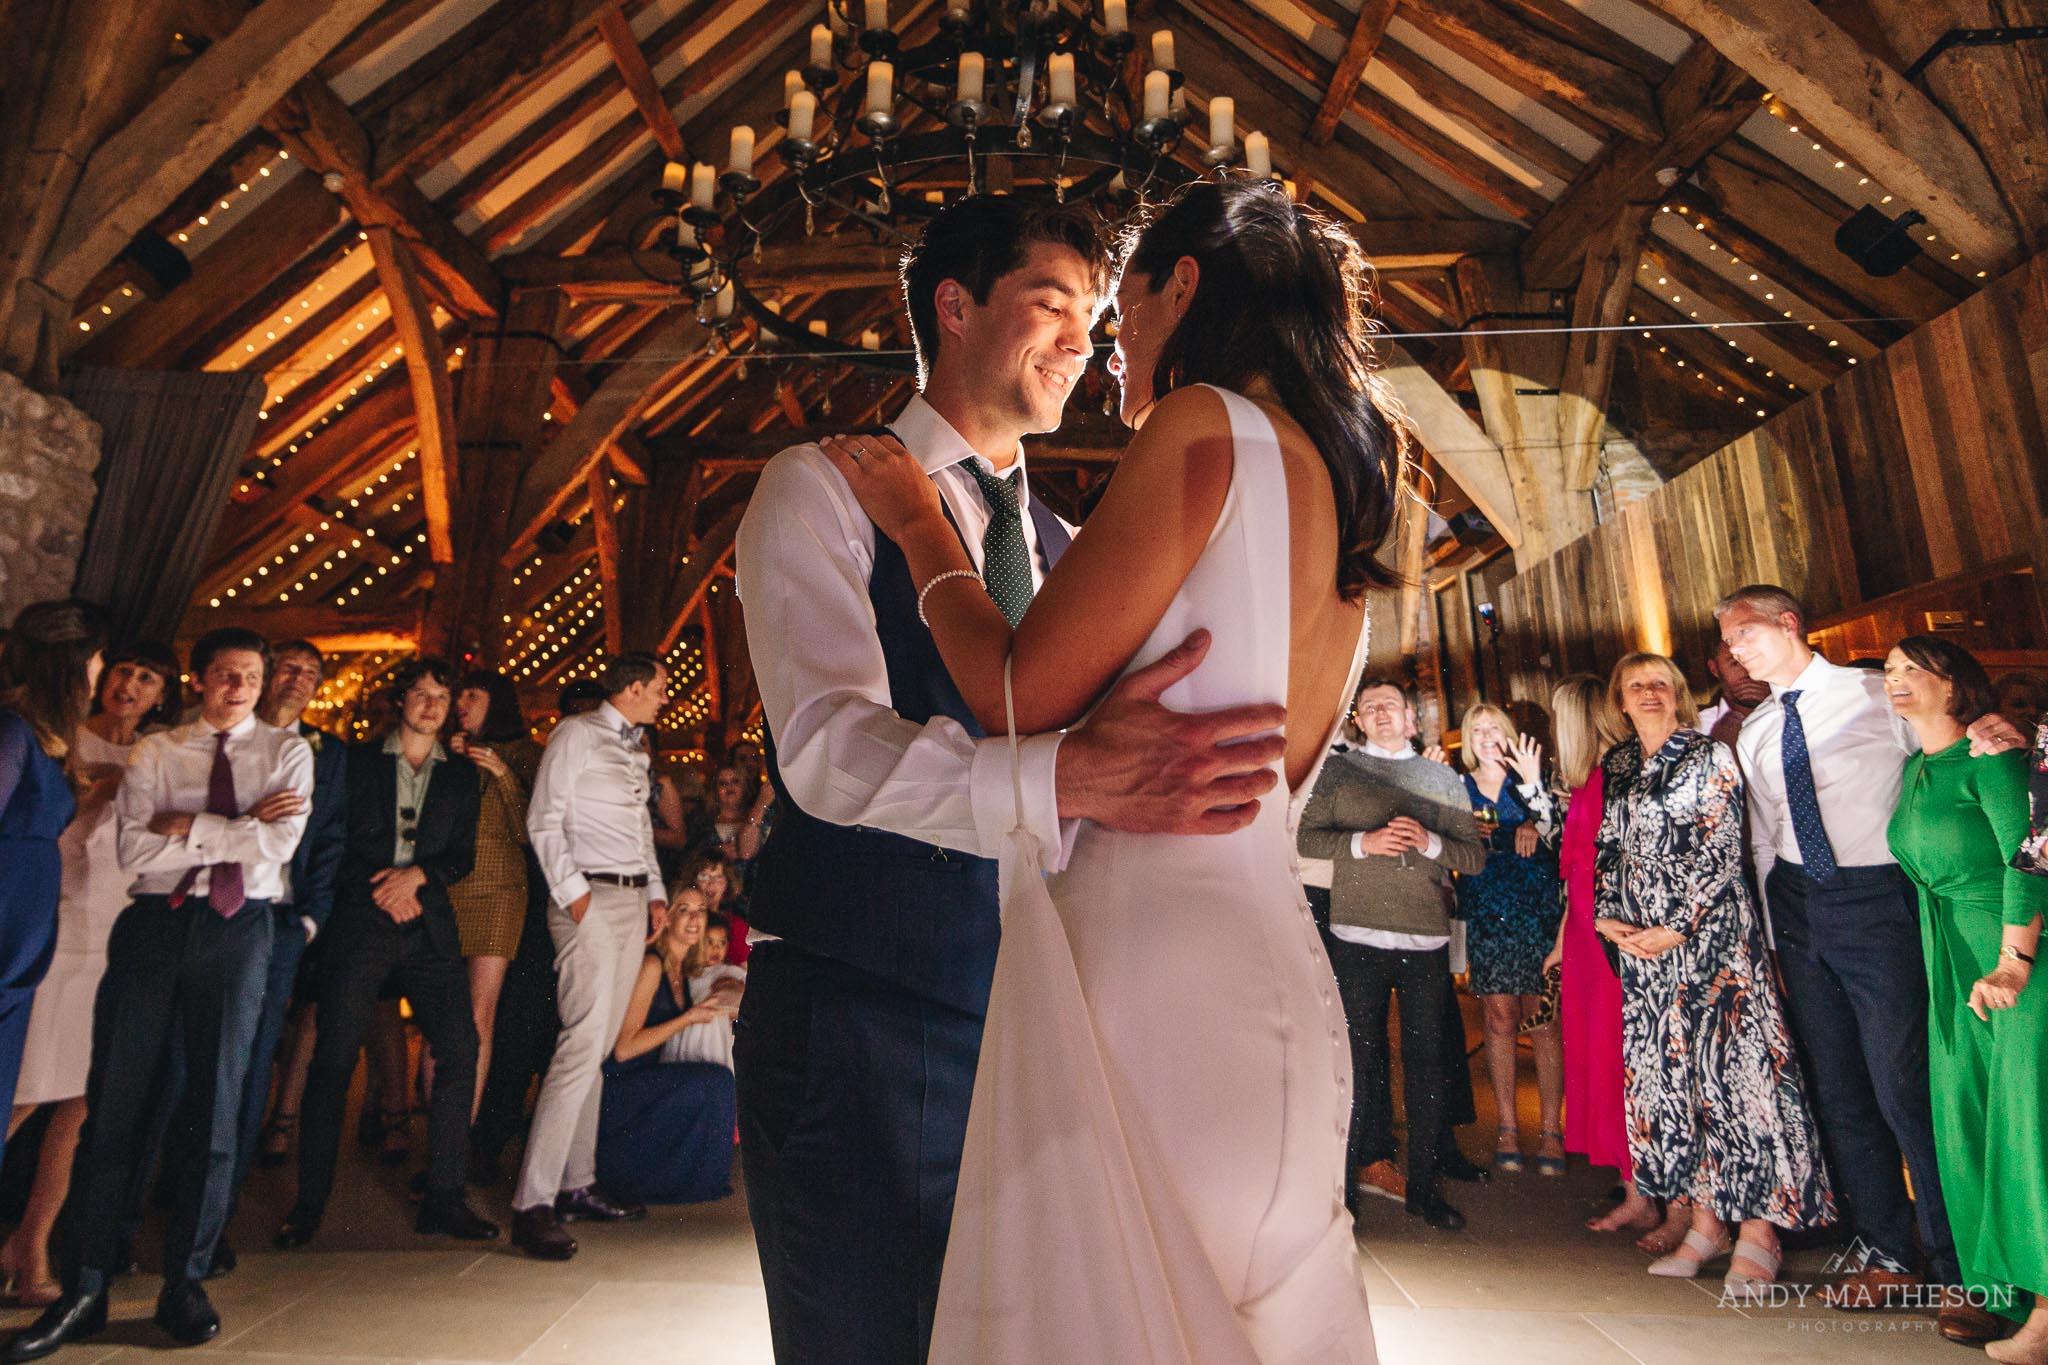 Tithe Barn Bolton Abbey Wedding Photographer_Andy Matheson_091.jpg